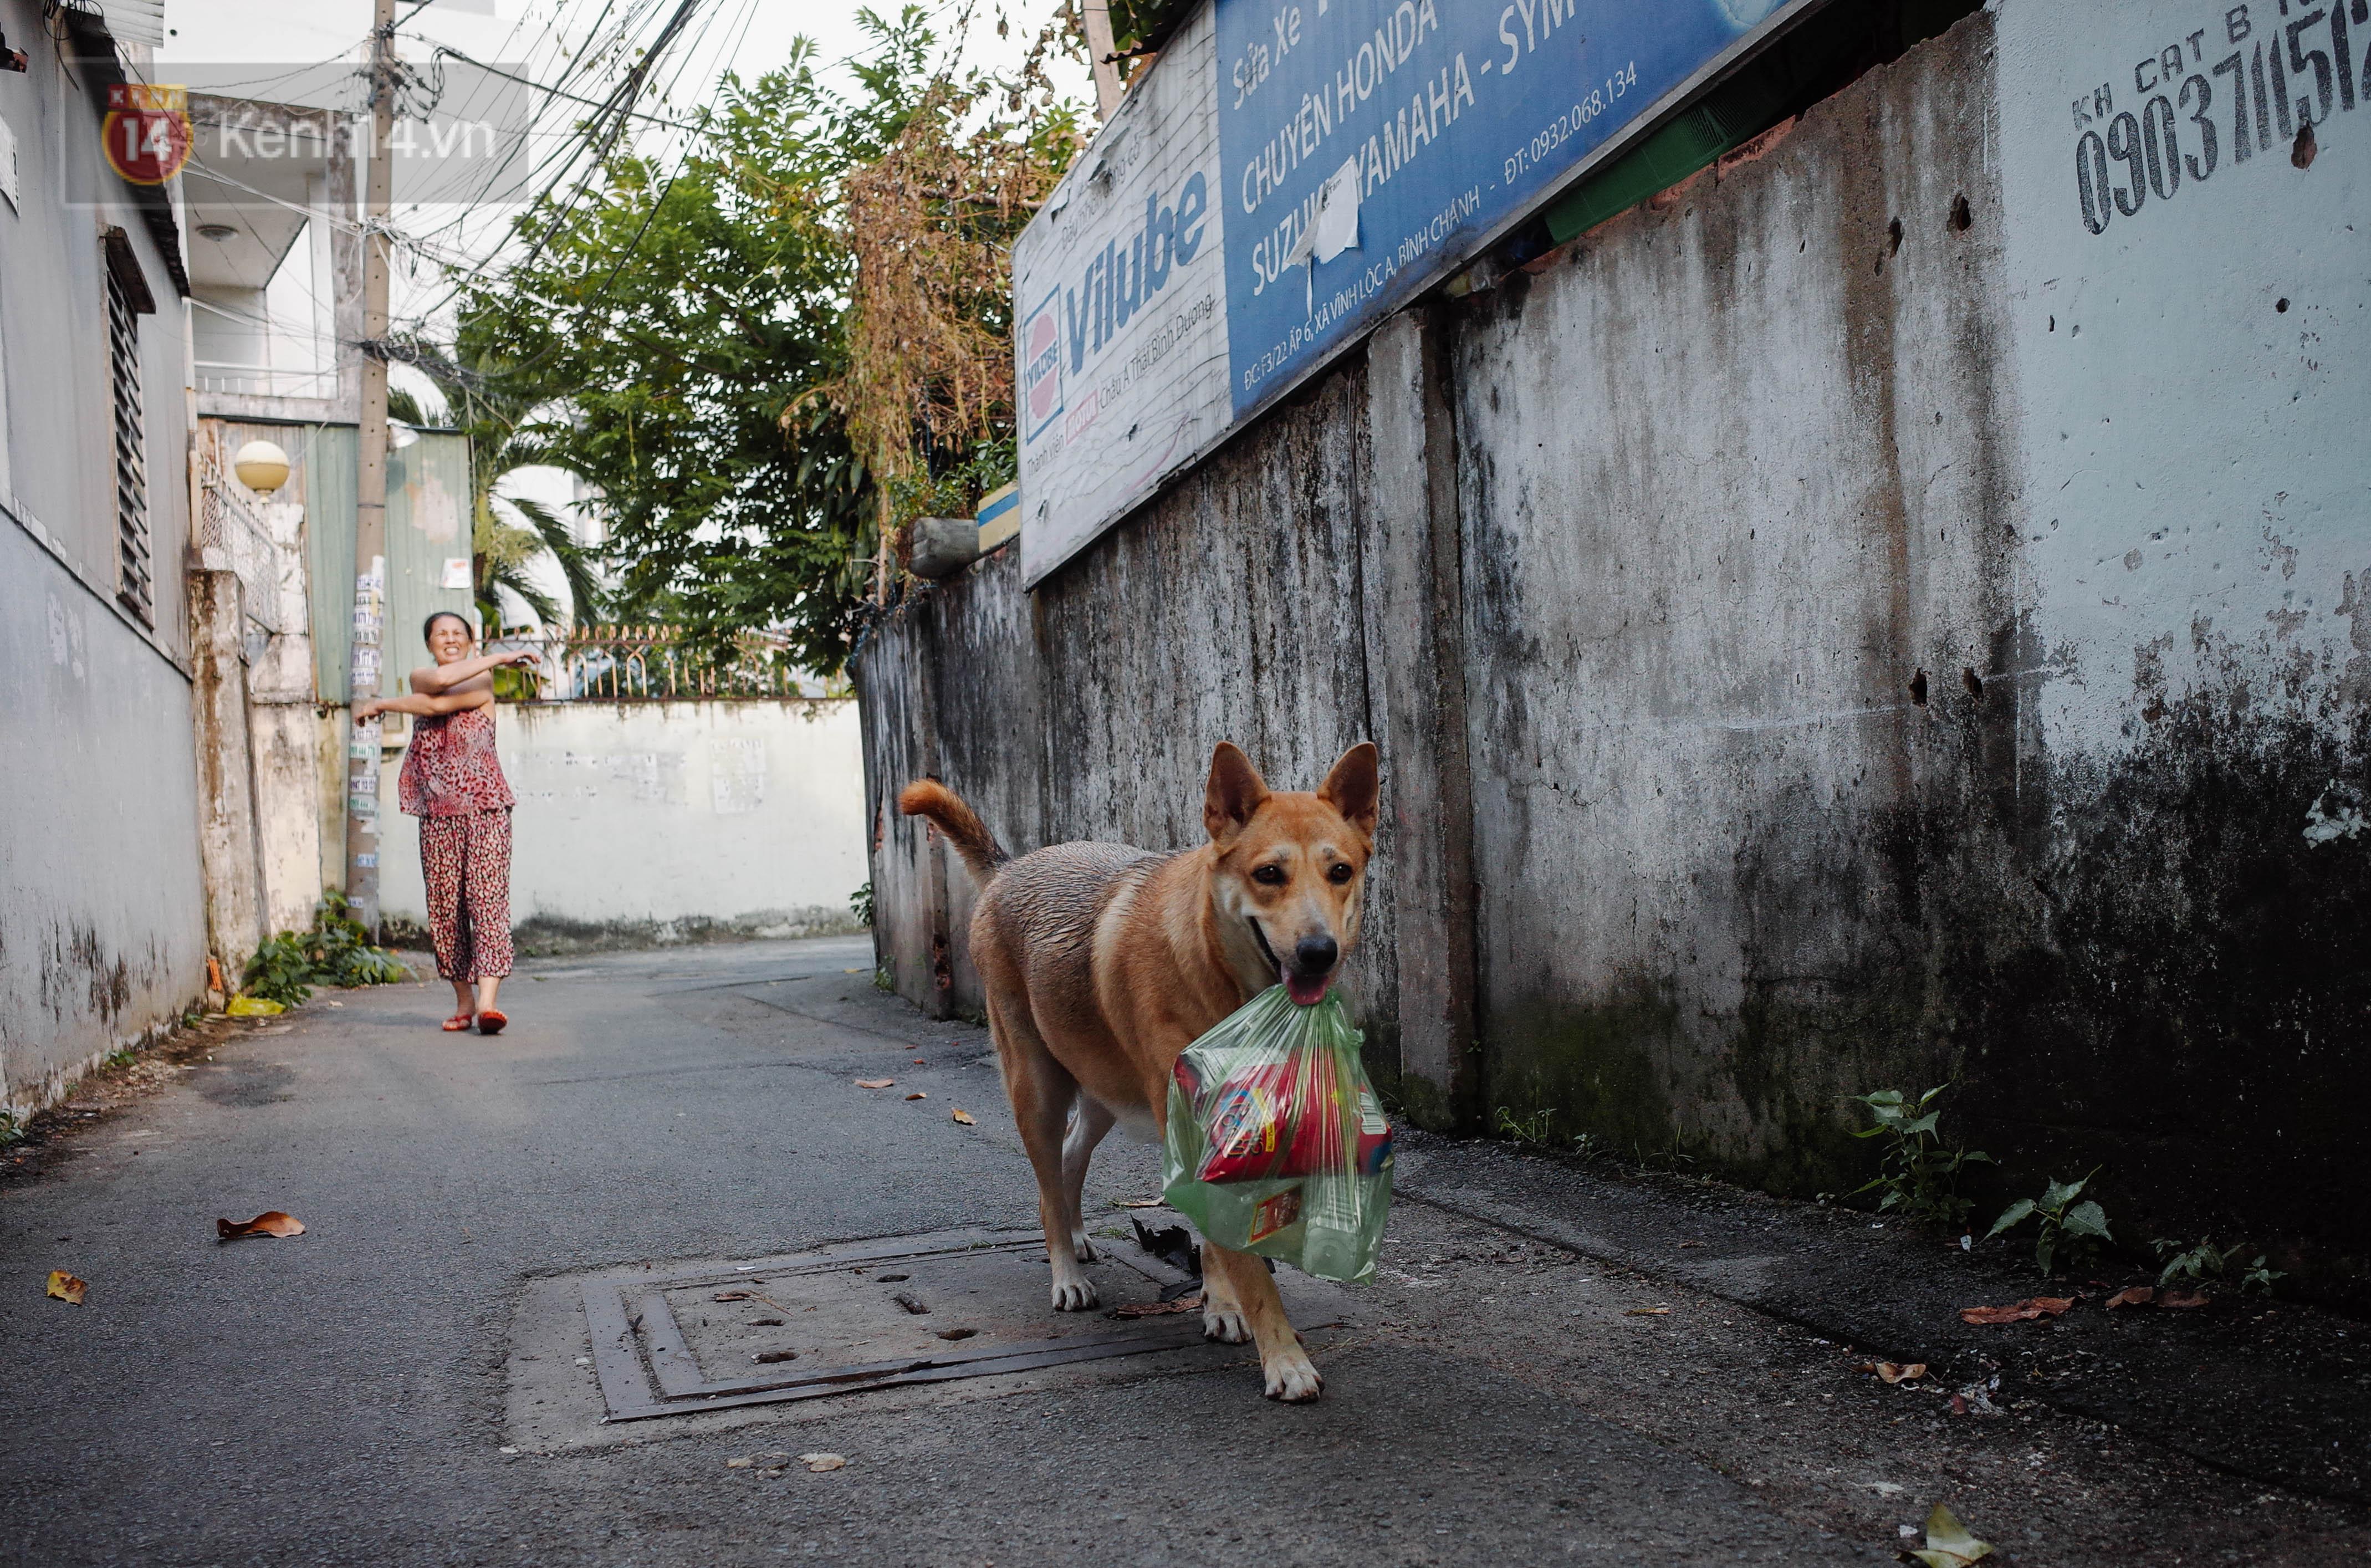 Gặp Gấu - chú chó cá tính nhất Sài Gòn: Chủ mua gì cũng xung phong xách hộ, không cho theo thì hờn mát bỏ ăn! - Ảnh 3.